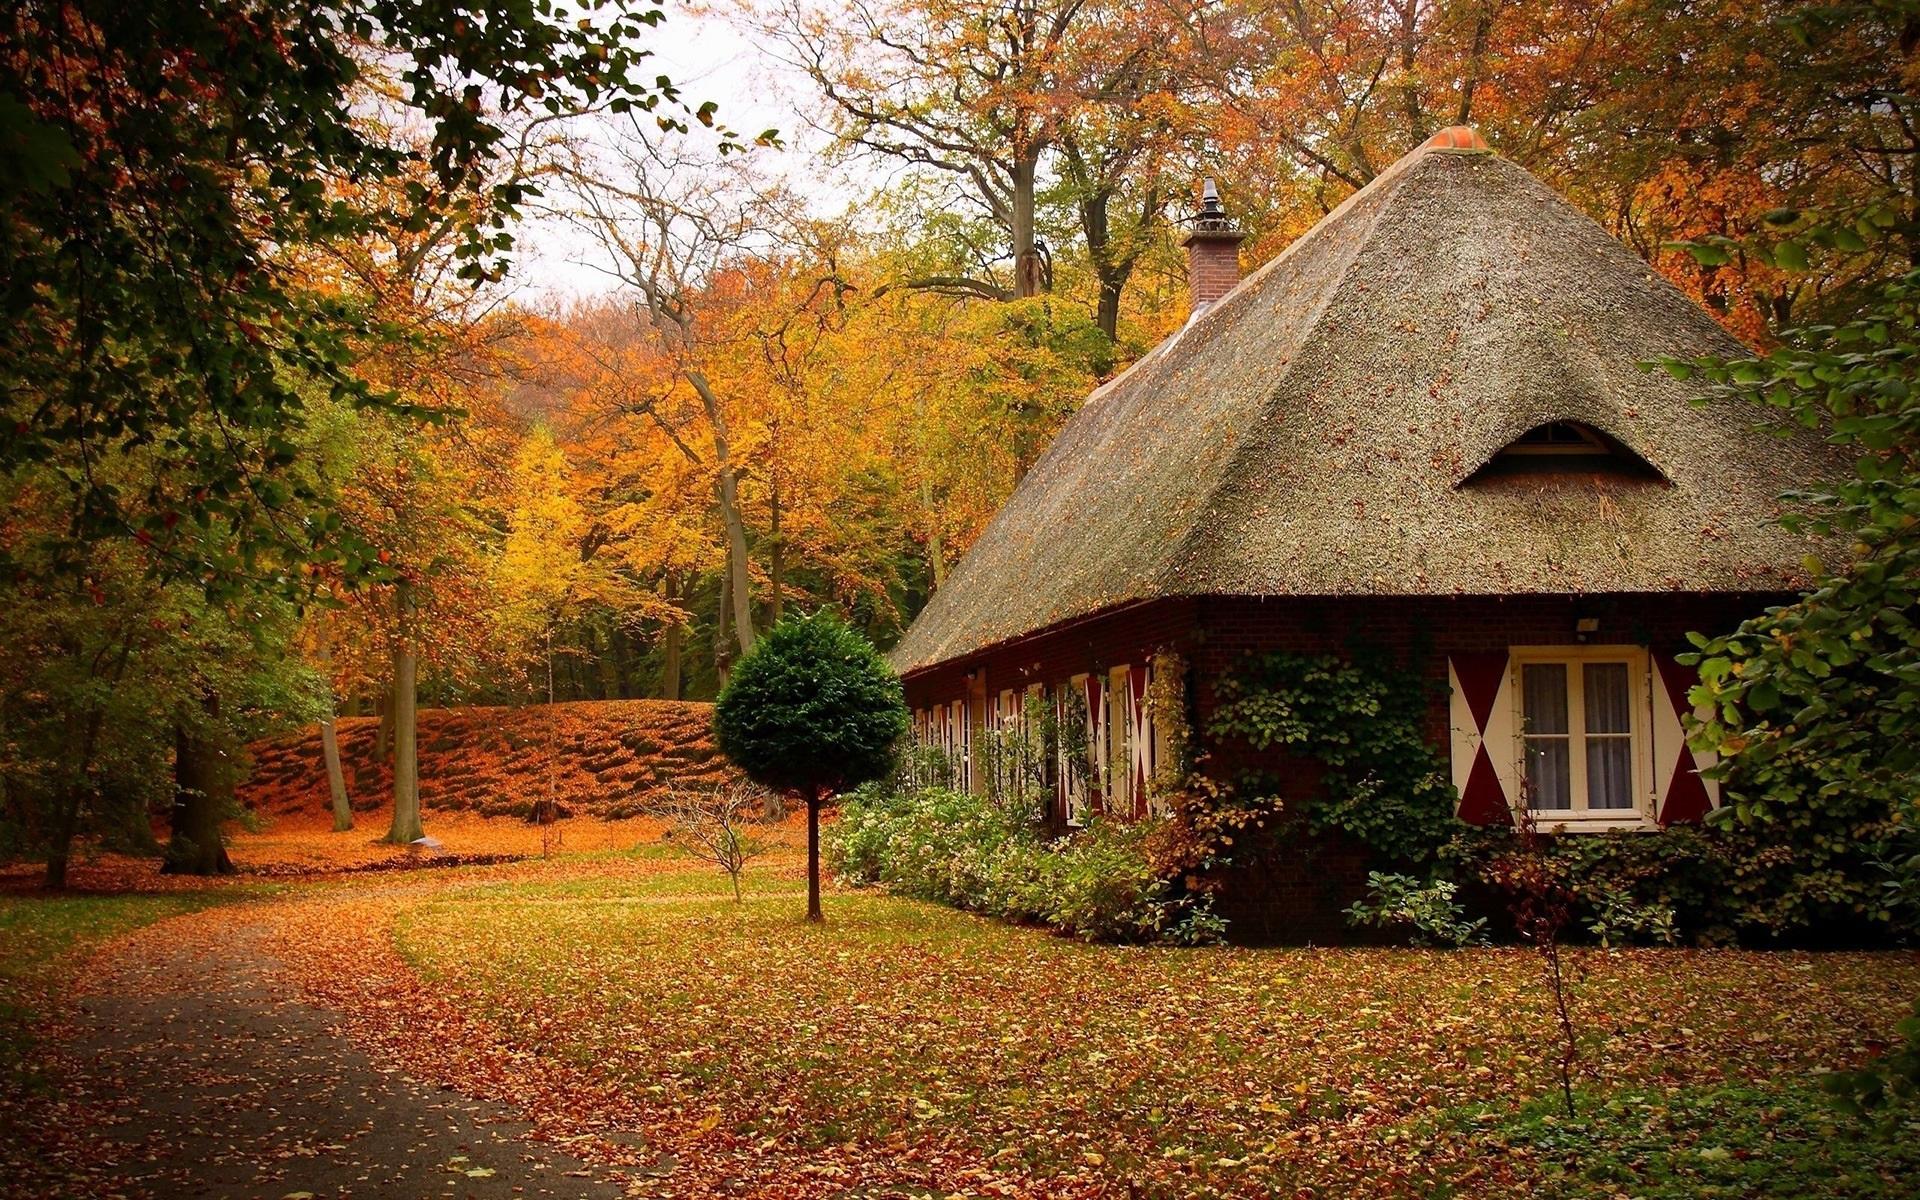 Autumn Cottage - Download Hd Autumn Cottage wallpaper for desktop ...